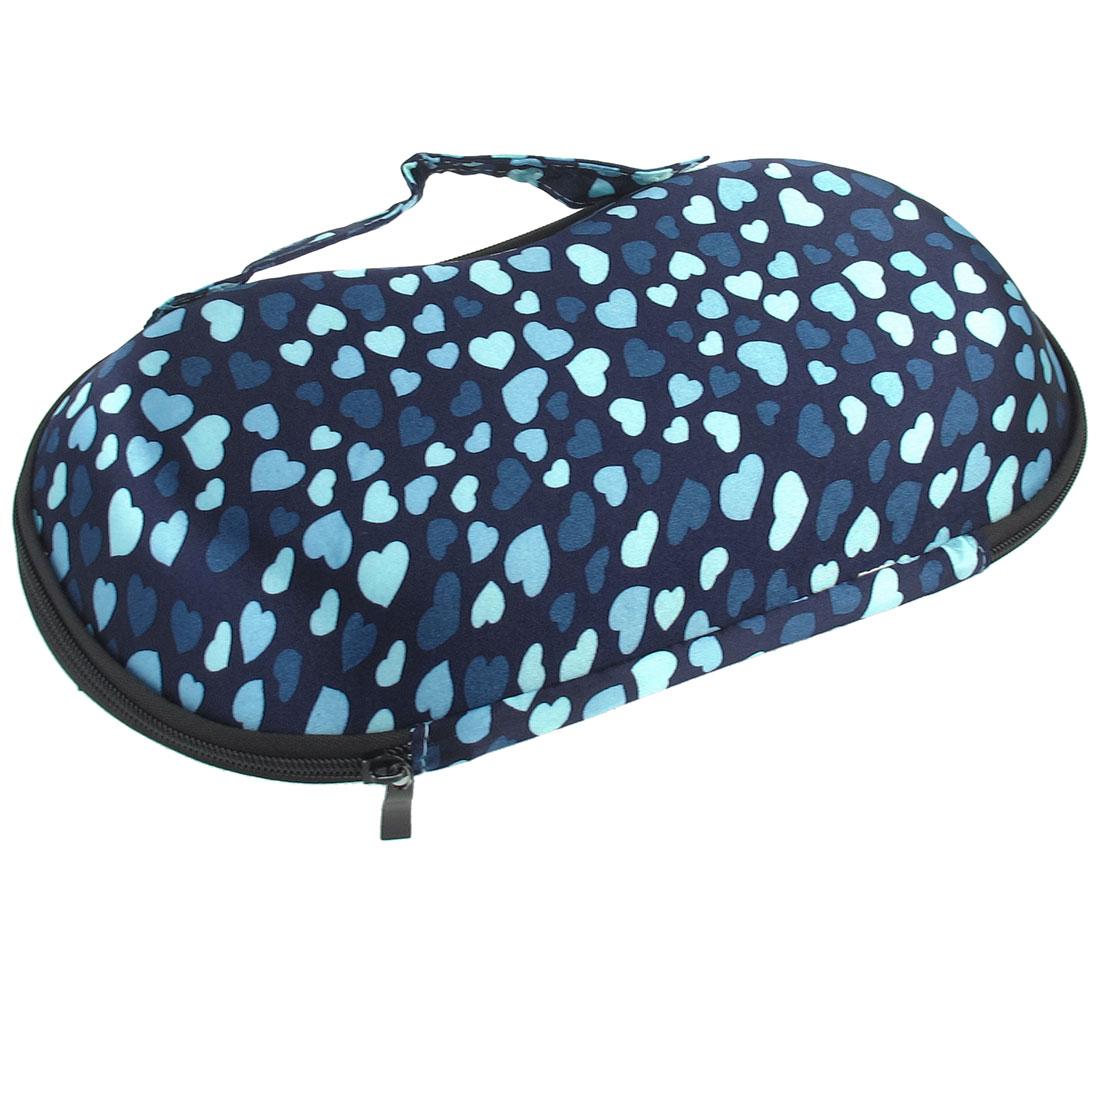 Travel Hearts Print Dark Blue Underwear Storage Box Bra Case for Ladies